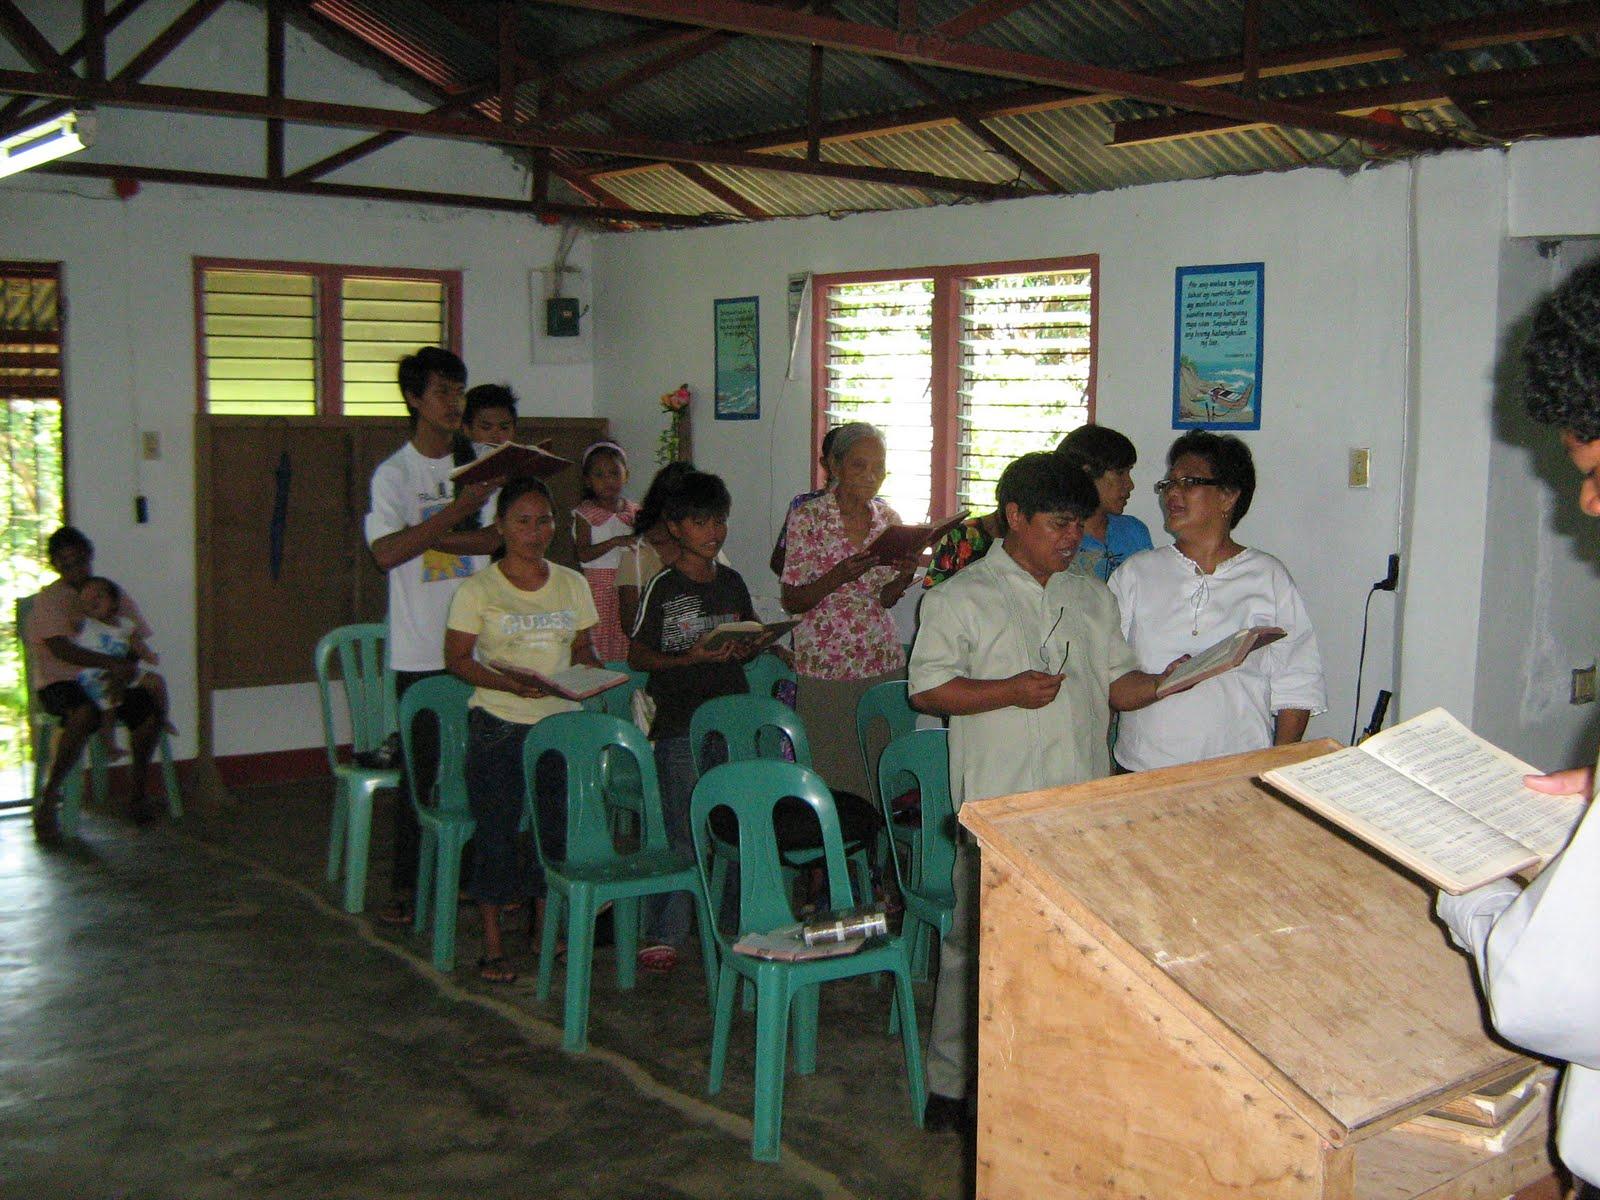 burial practices/customs in Ilocos